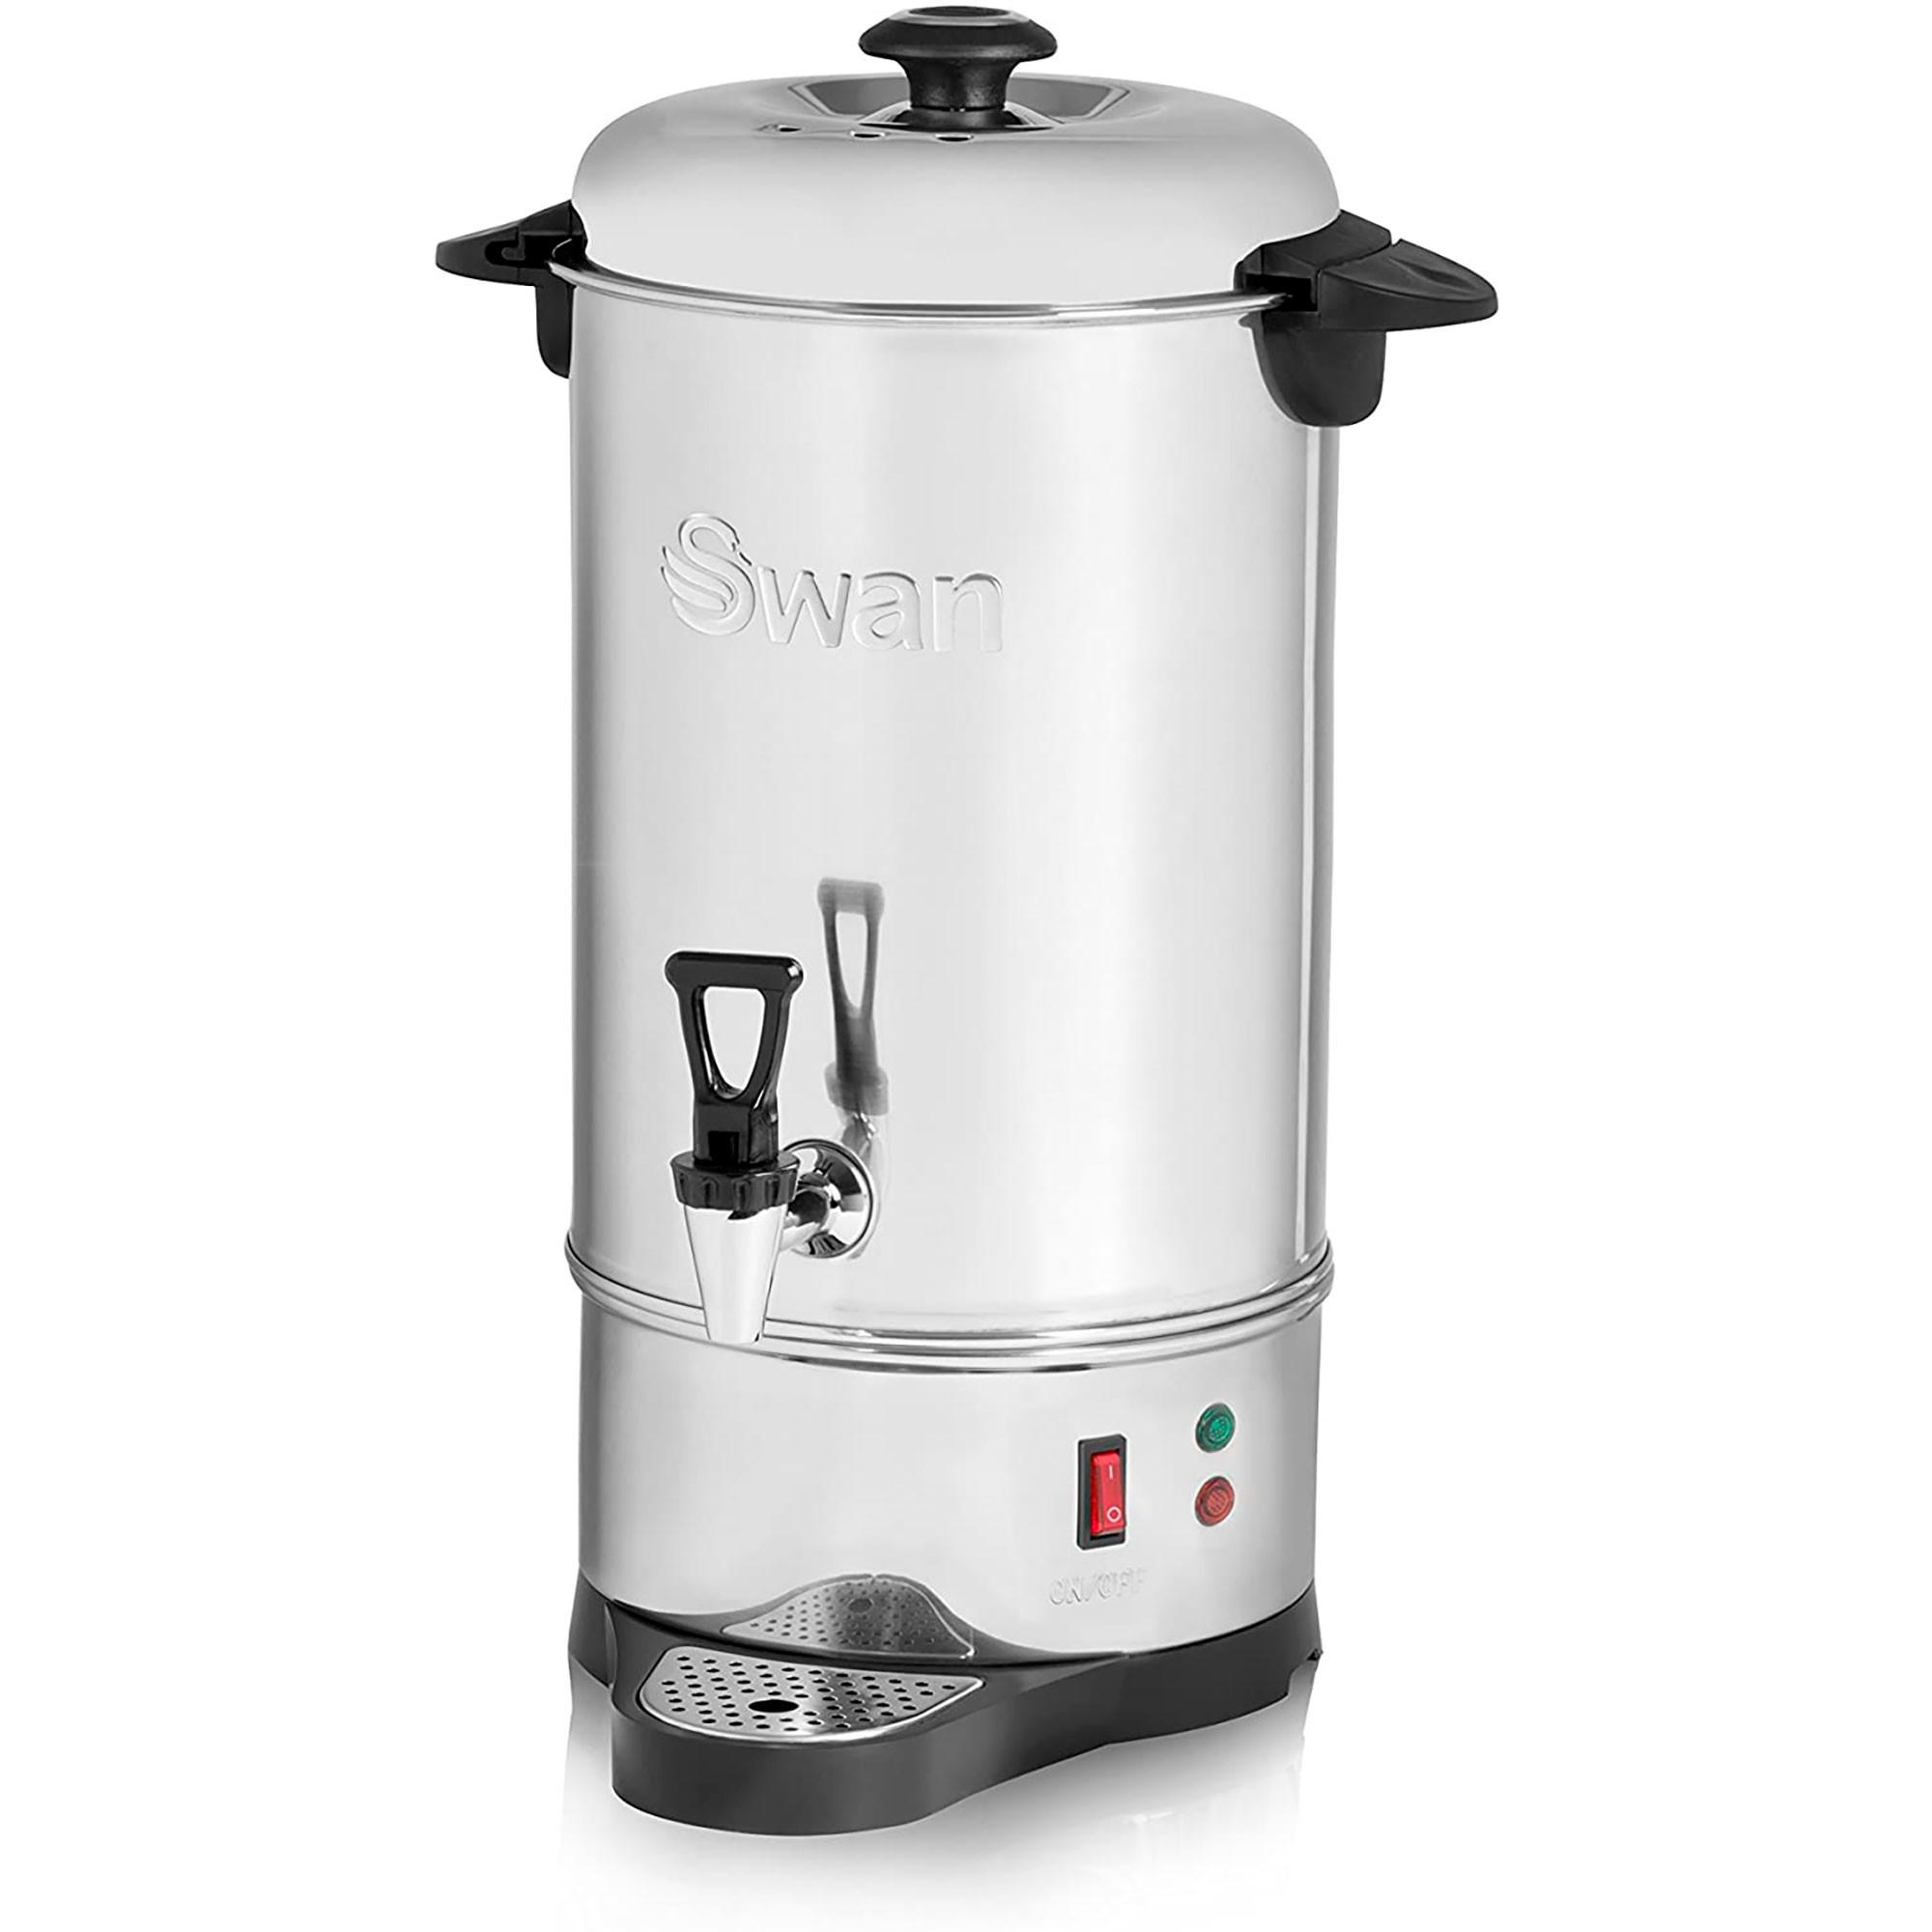 Swan SWU10L Dispensador Bebidas Calientes 10 Litros, Hervidor, Acero inoxidable, Control Temperatura Automática, Resistencia Oculta, Función Mantenimiento de Calor, 1600W